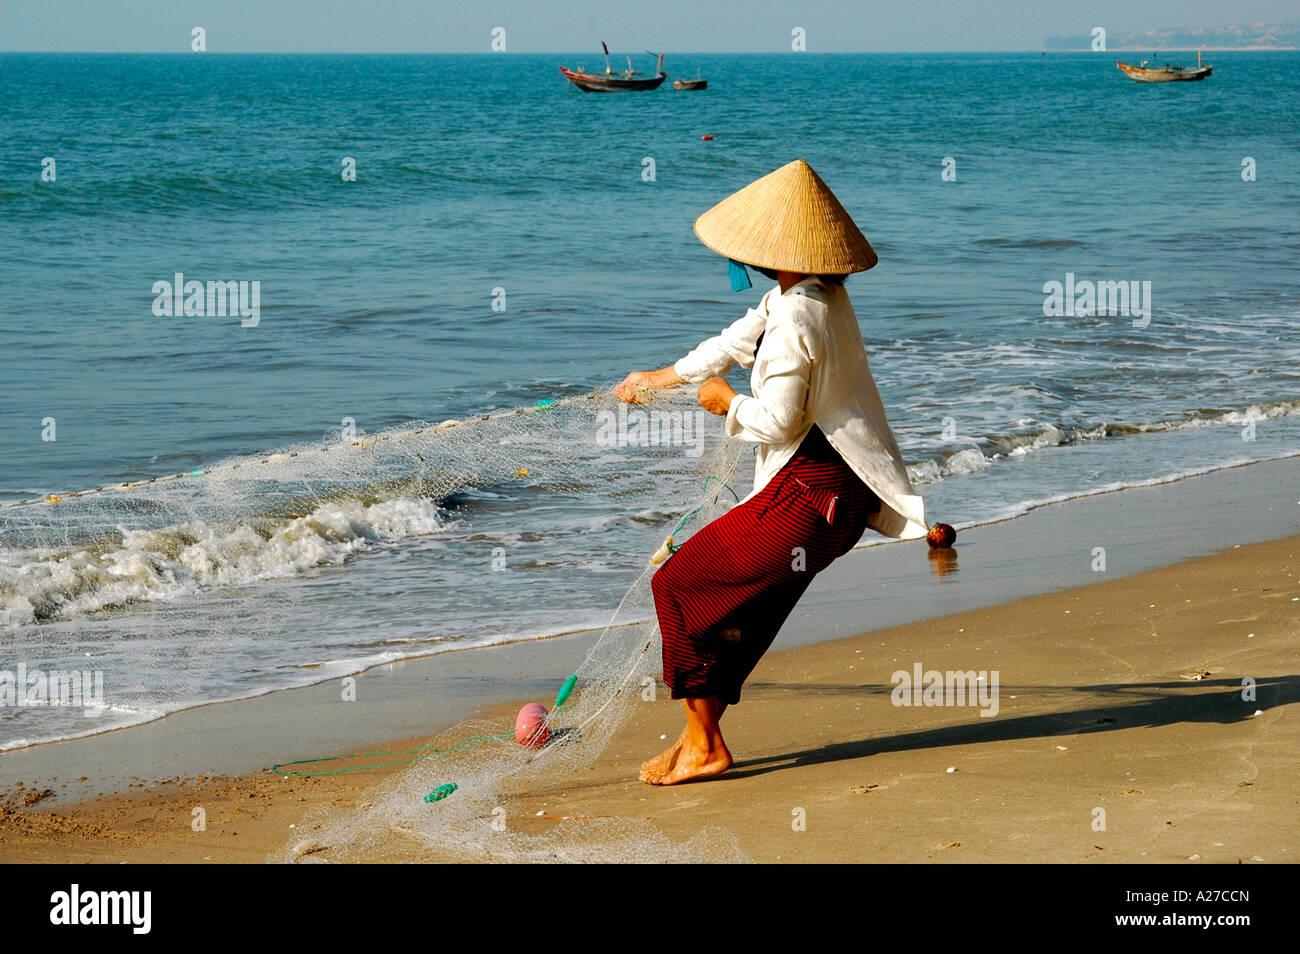 Fisher woman hauling in the fishing net, Mui Ne, Viet Nam - Stock Image